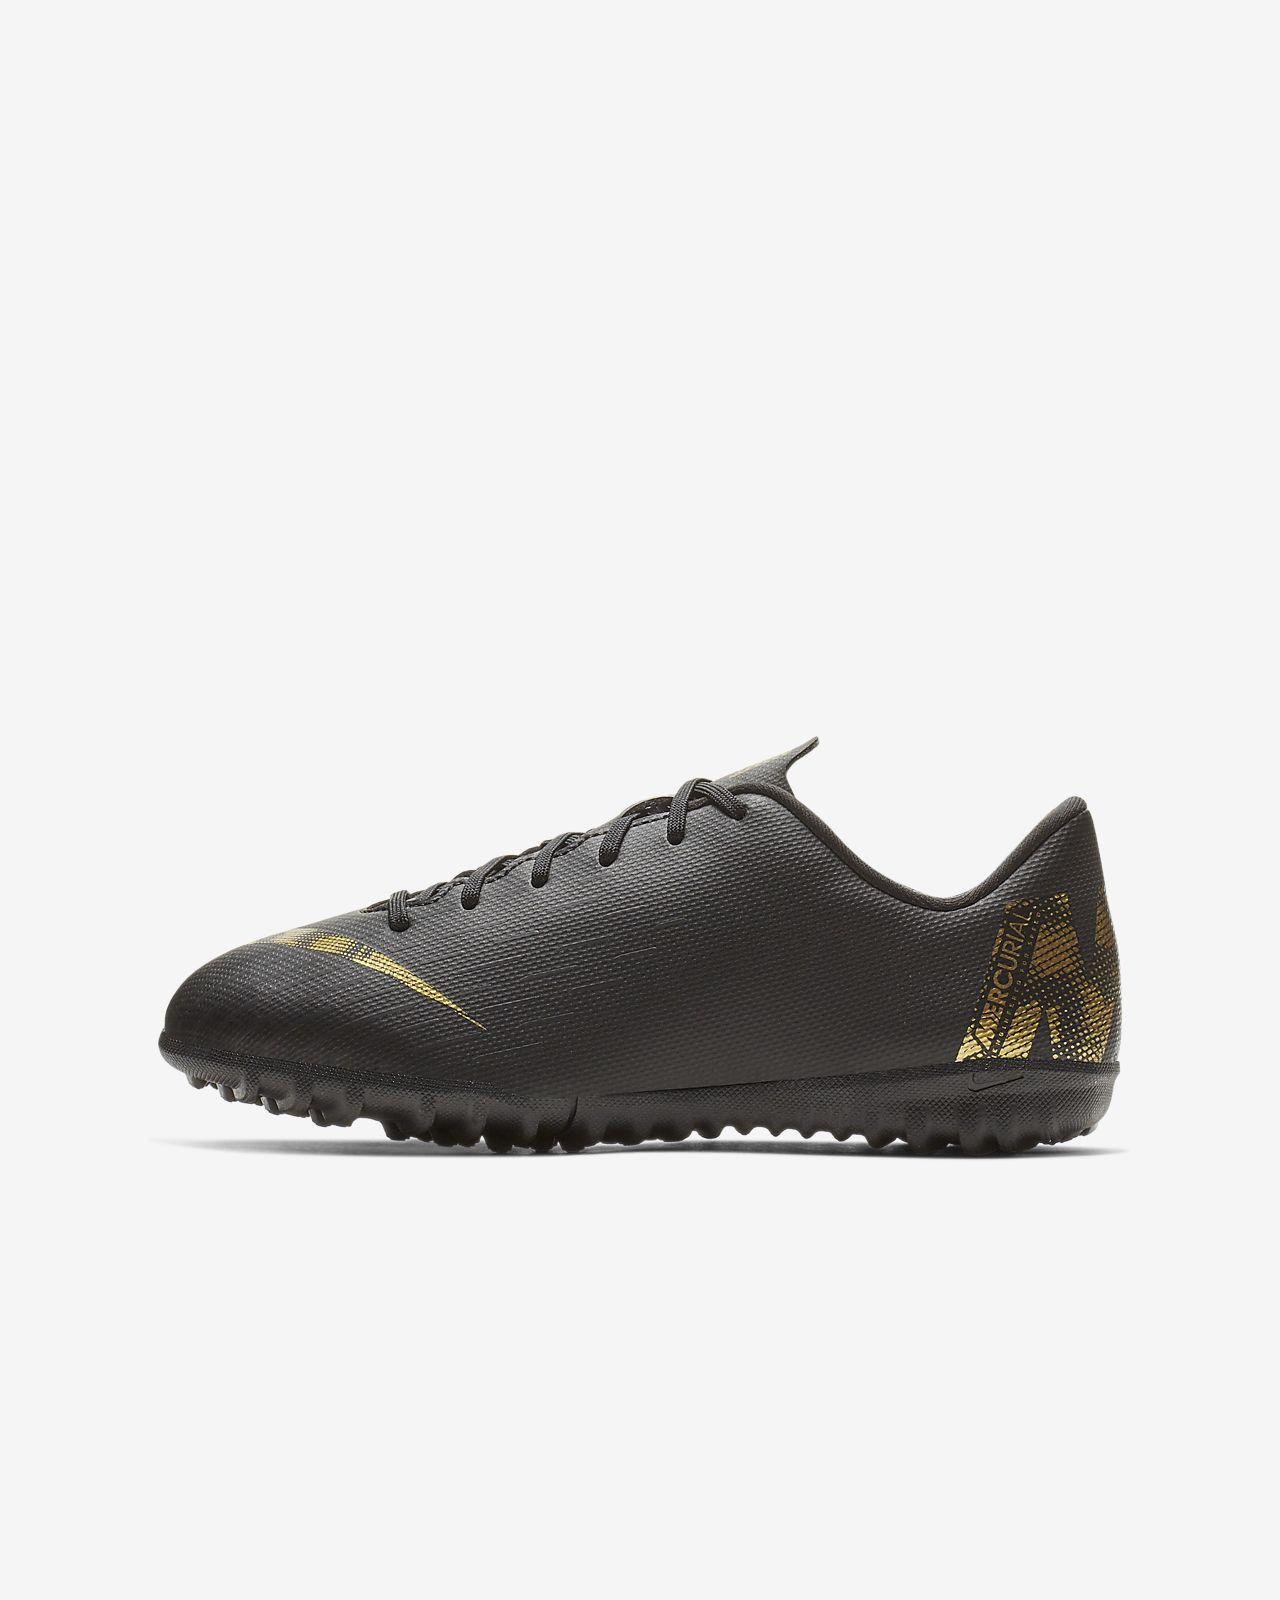 huge discount eea79 764e6 ... Nike Jr. MercurialX Vapor XII-fodboldsko til små/store børn (grus)